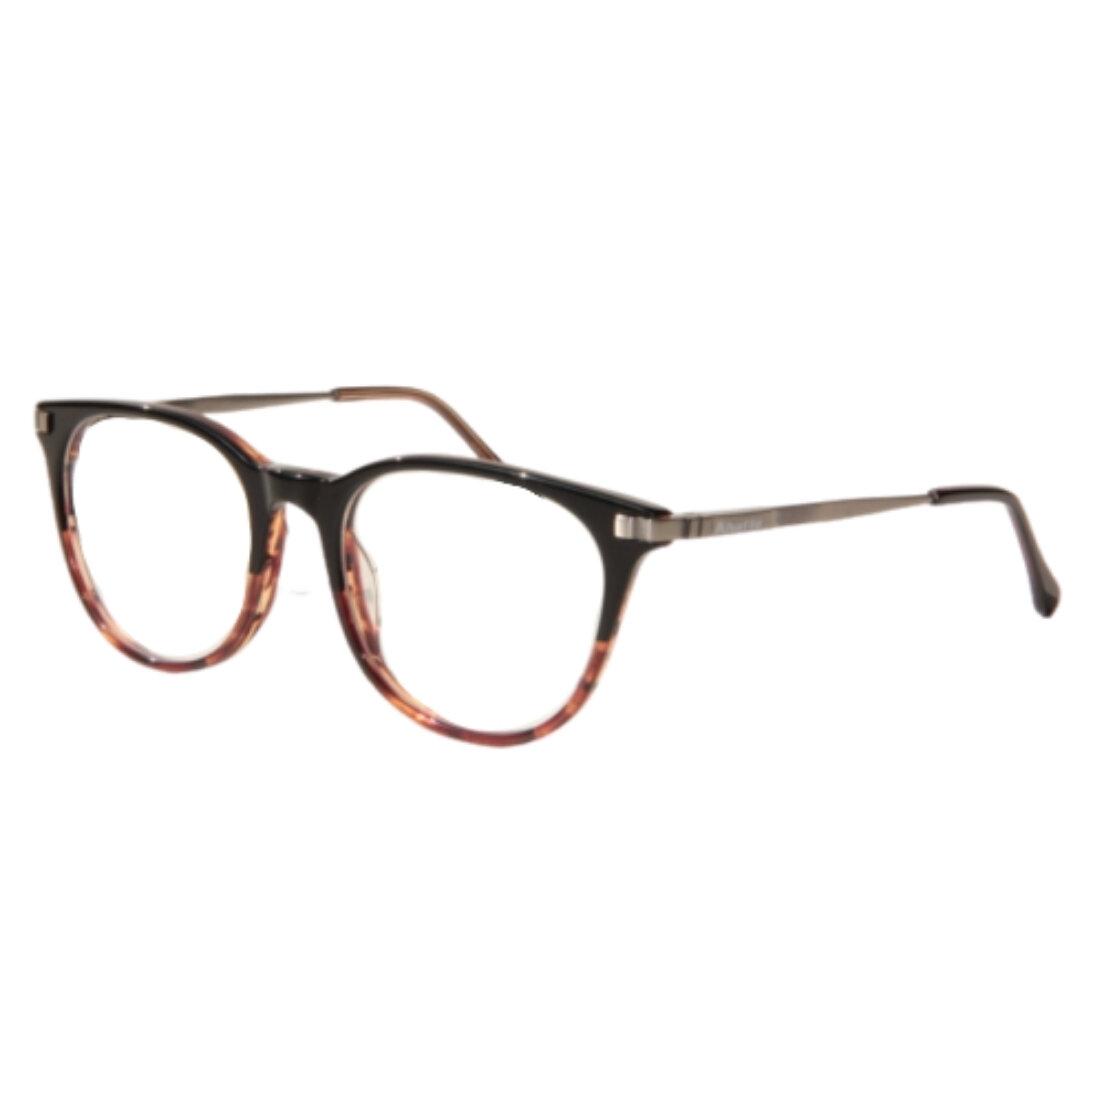 Armação de Óculos Khatto Round Siggy - C140 e C141